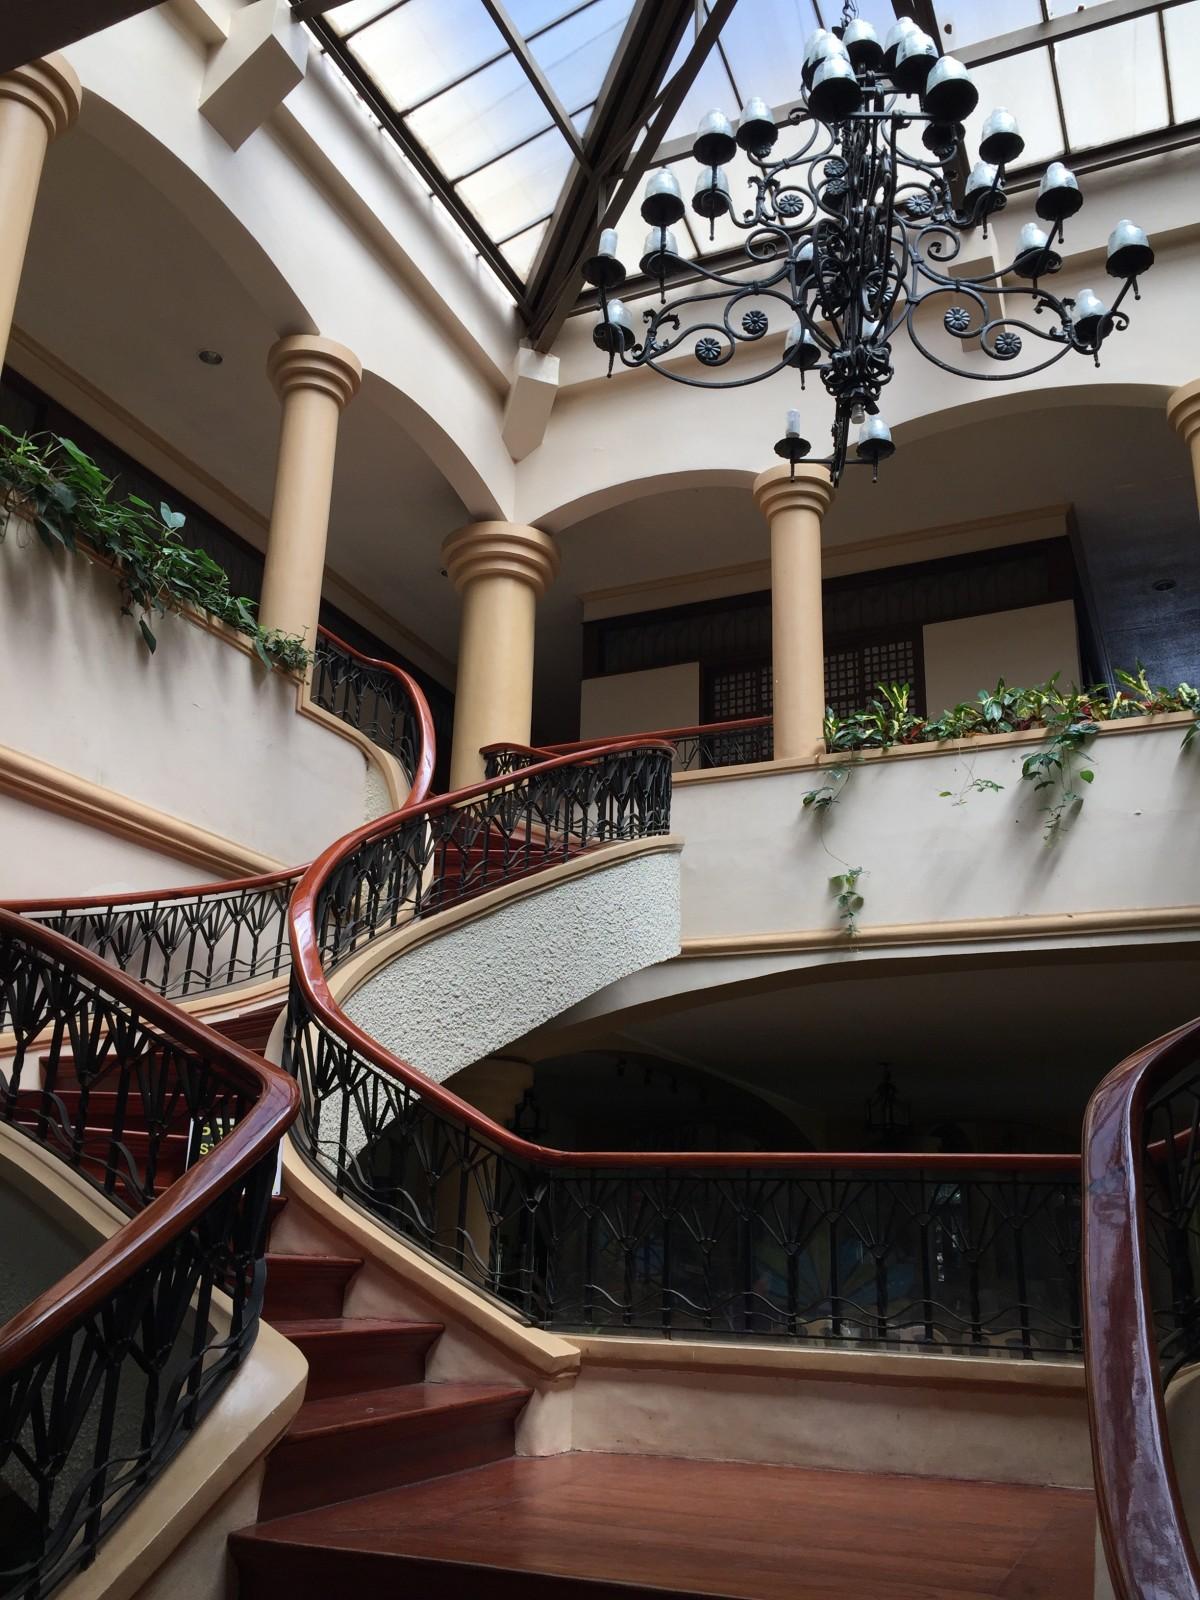 Images Gratuites Architecture Structure Bois Escalier